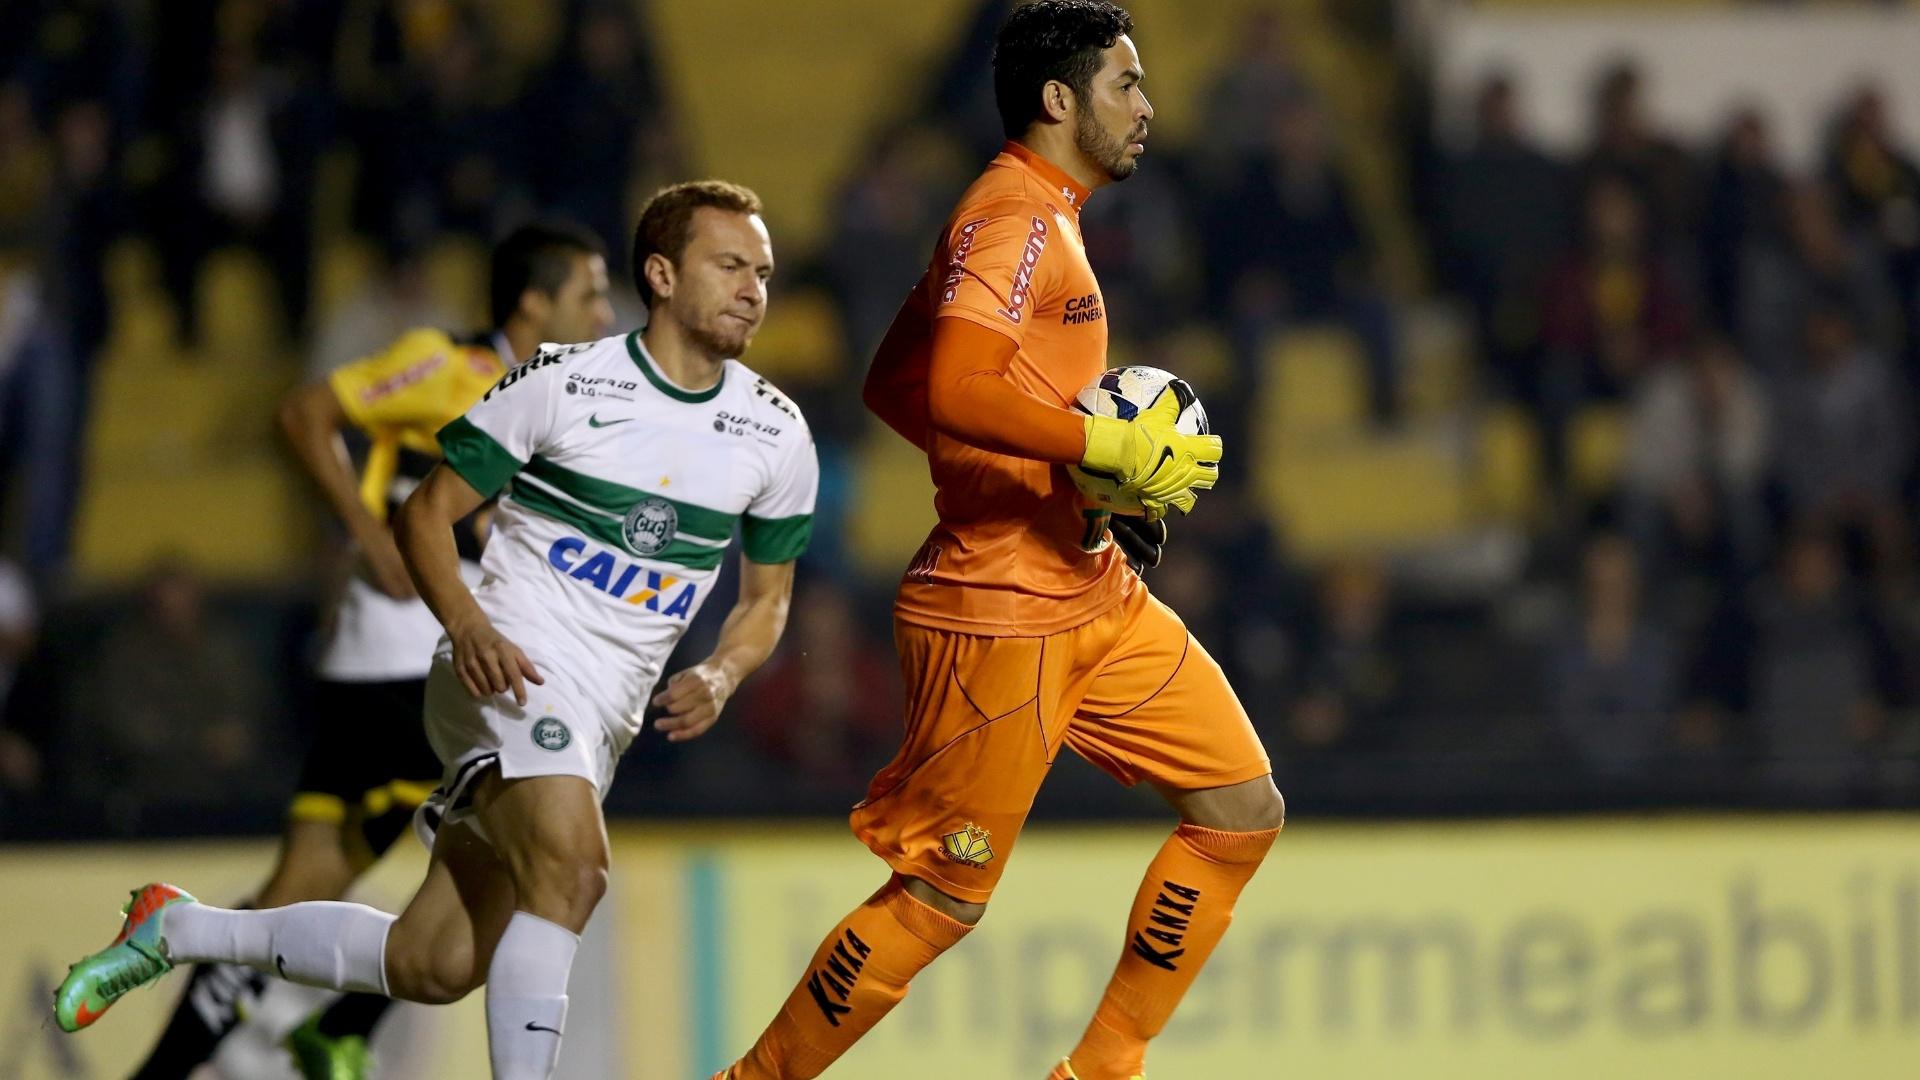 28.mai.2014 - O atacante Zé Eduardo, do Coritiba, acompanha a reposição de bola do goleiro Luiz, do Criciúma